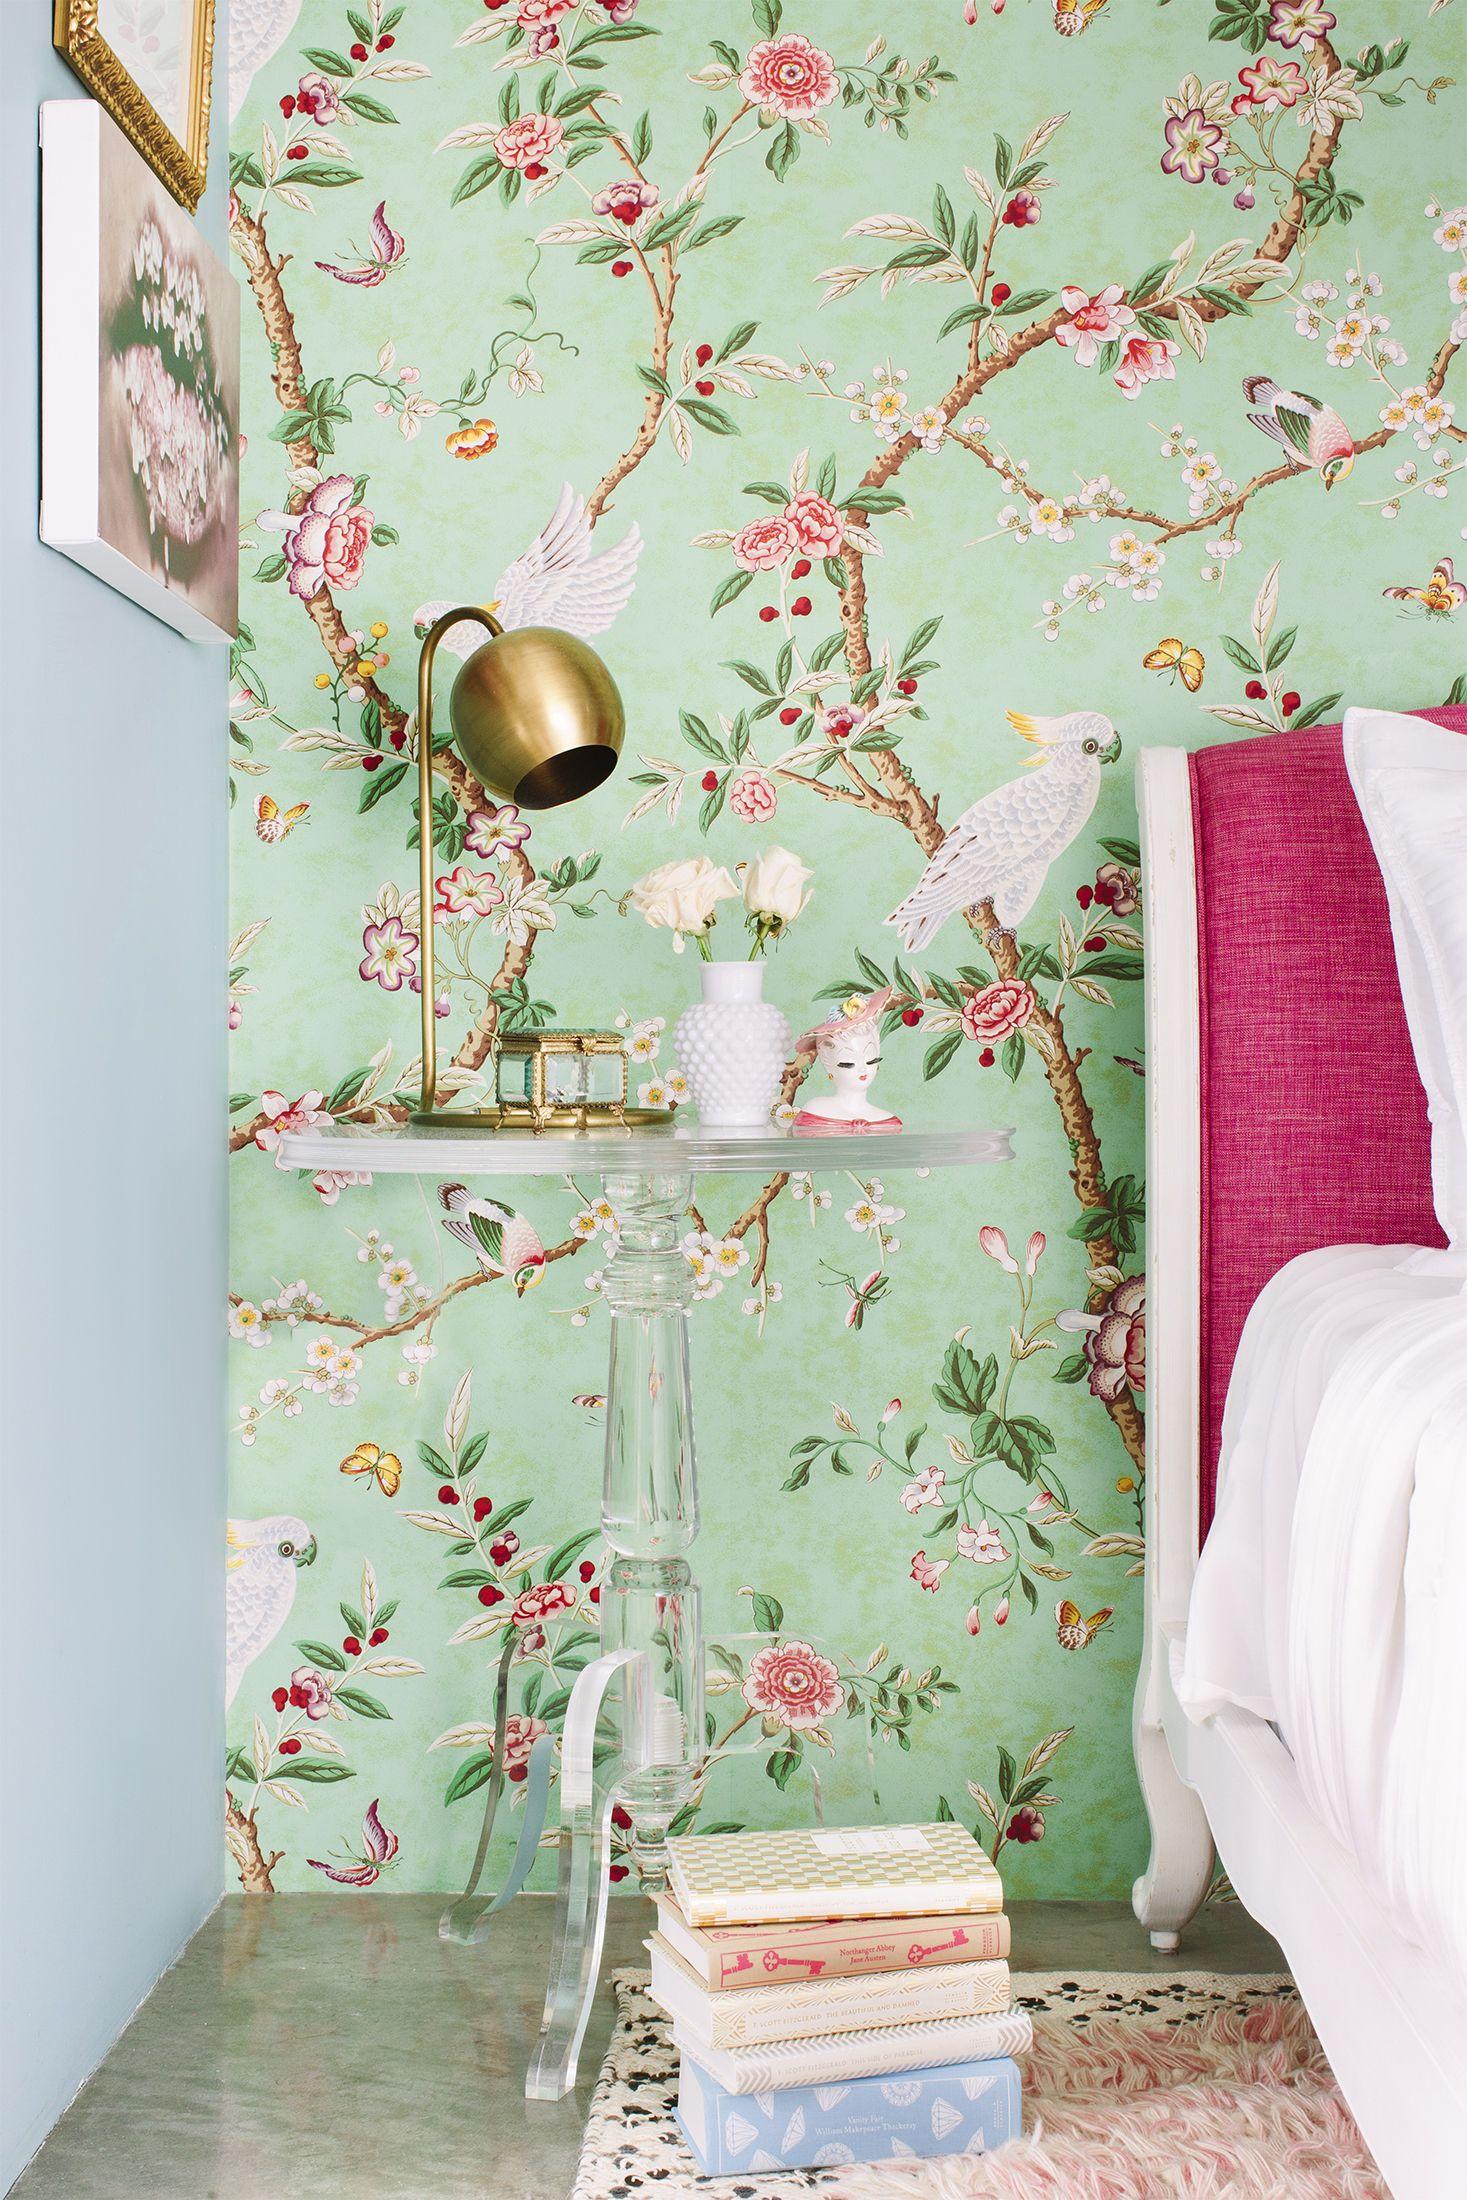 Spring Decor Ideas - Floral Wallpaper